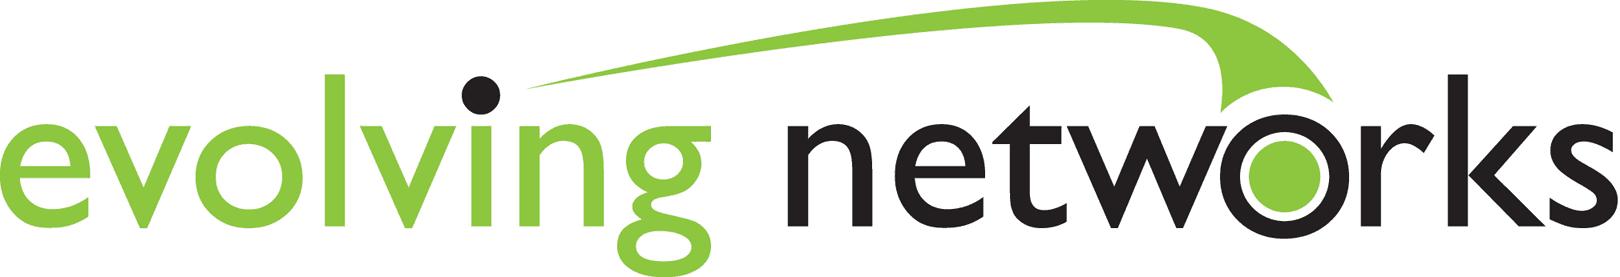 Evolving Networks logo